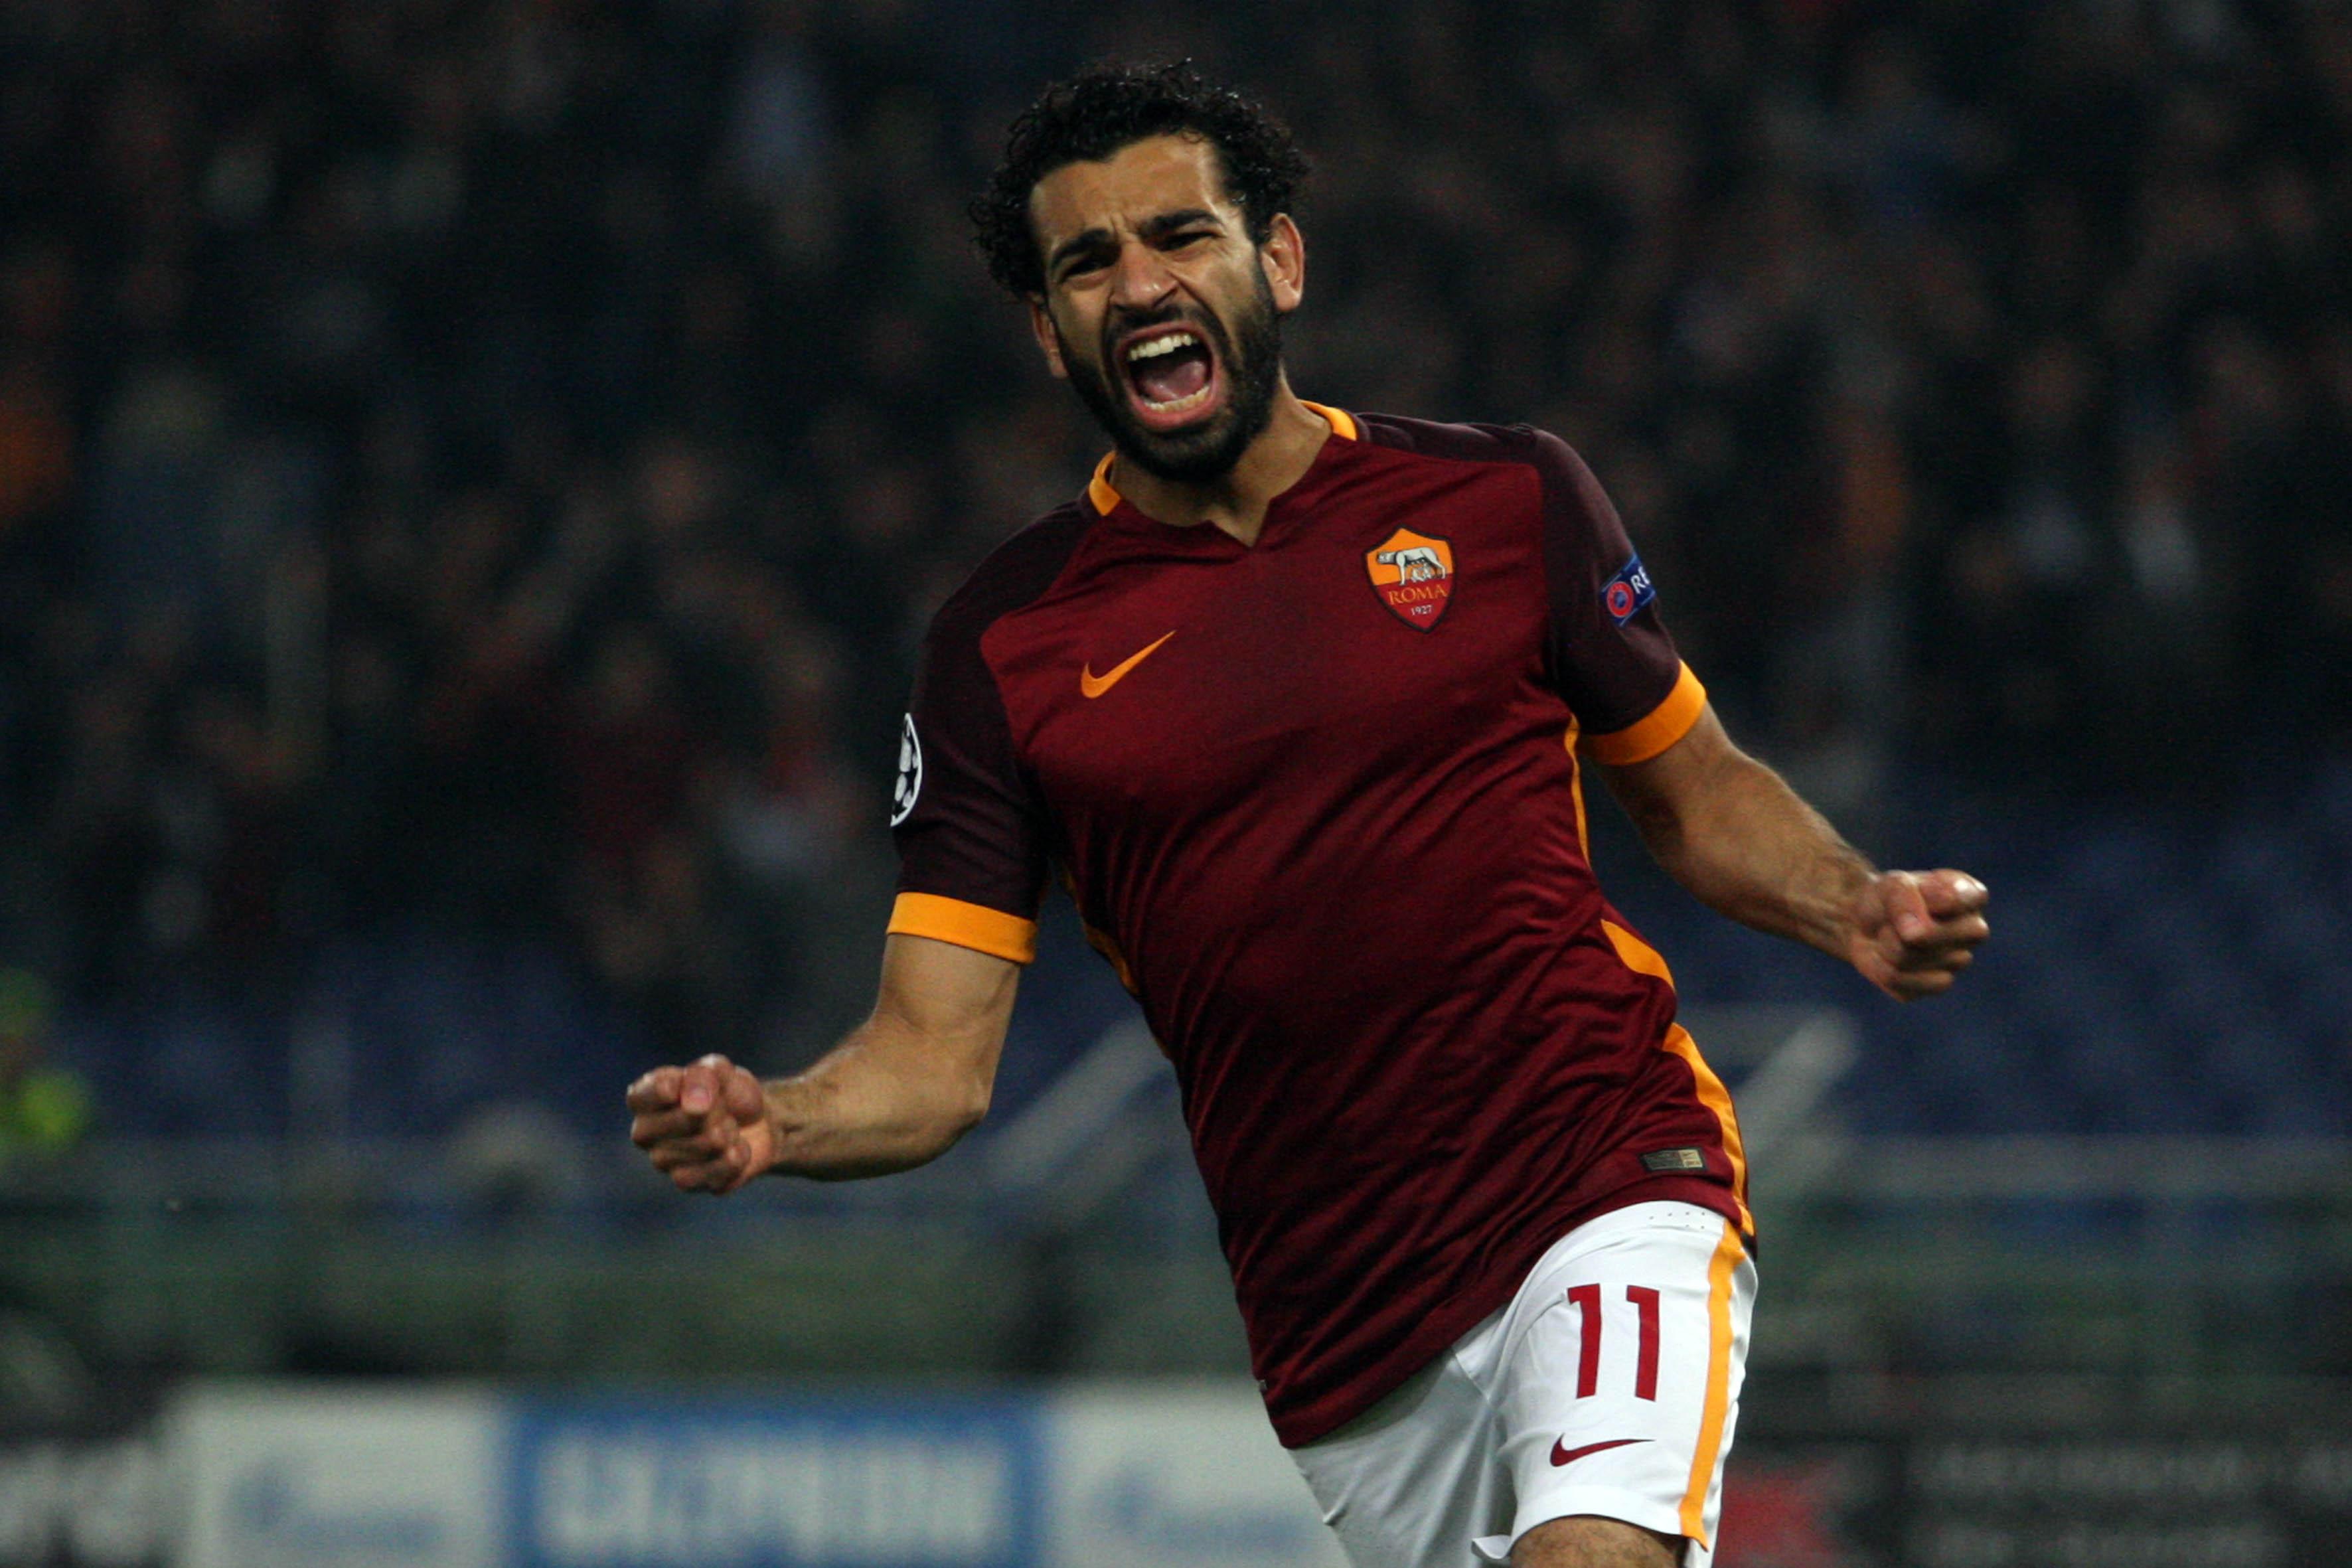 صلاح الأول في قائمة أفضل 10 لاعبين عرب